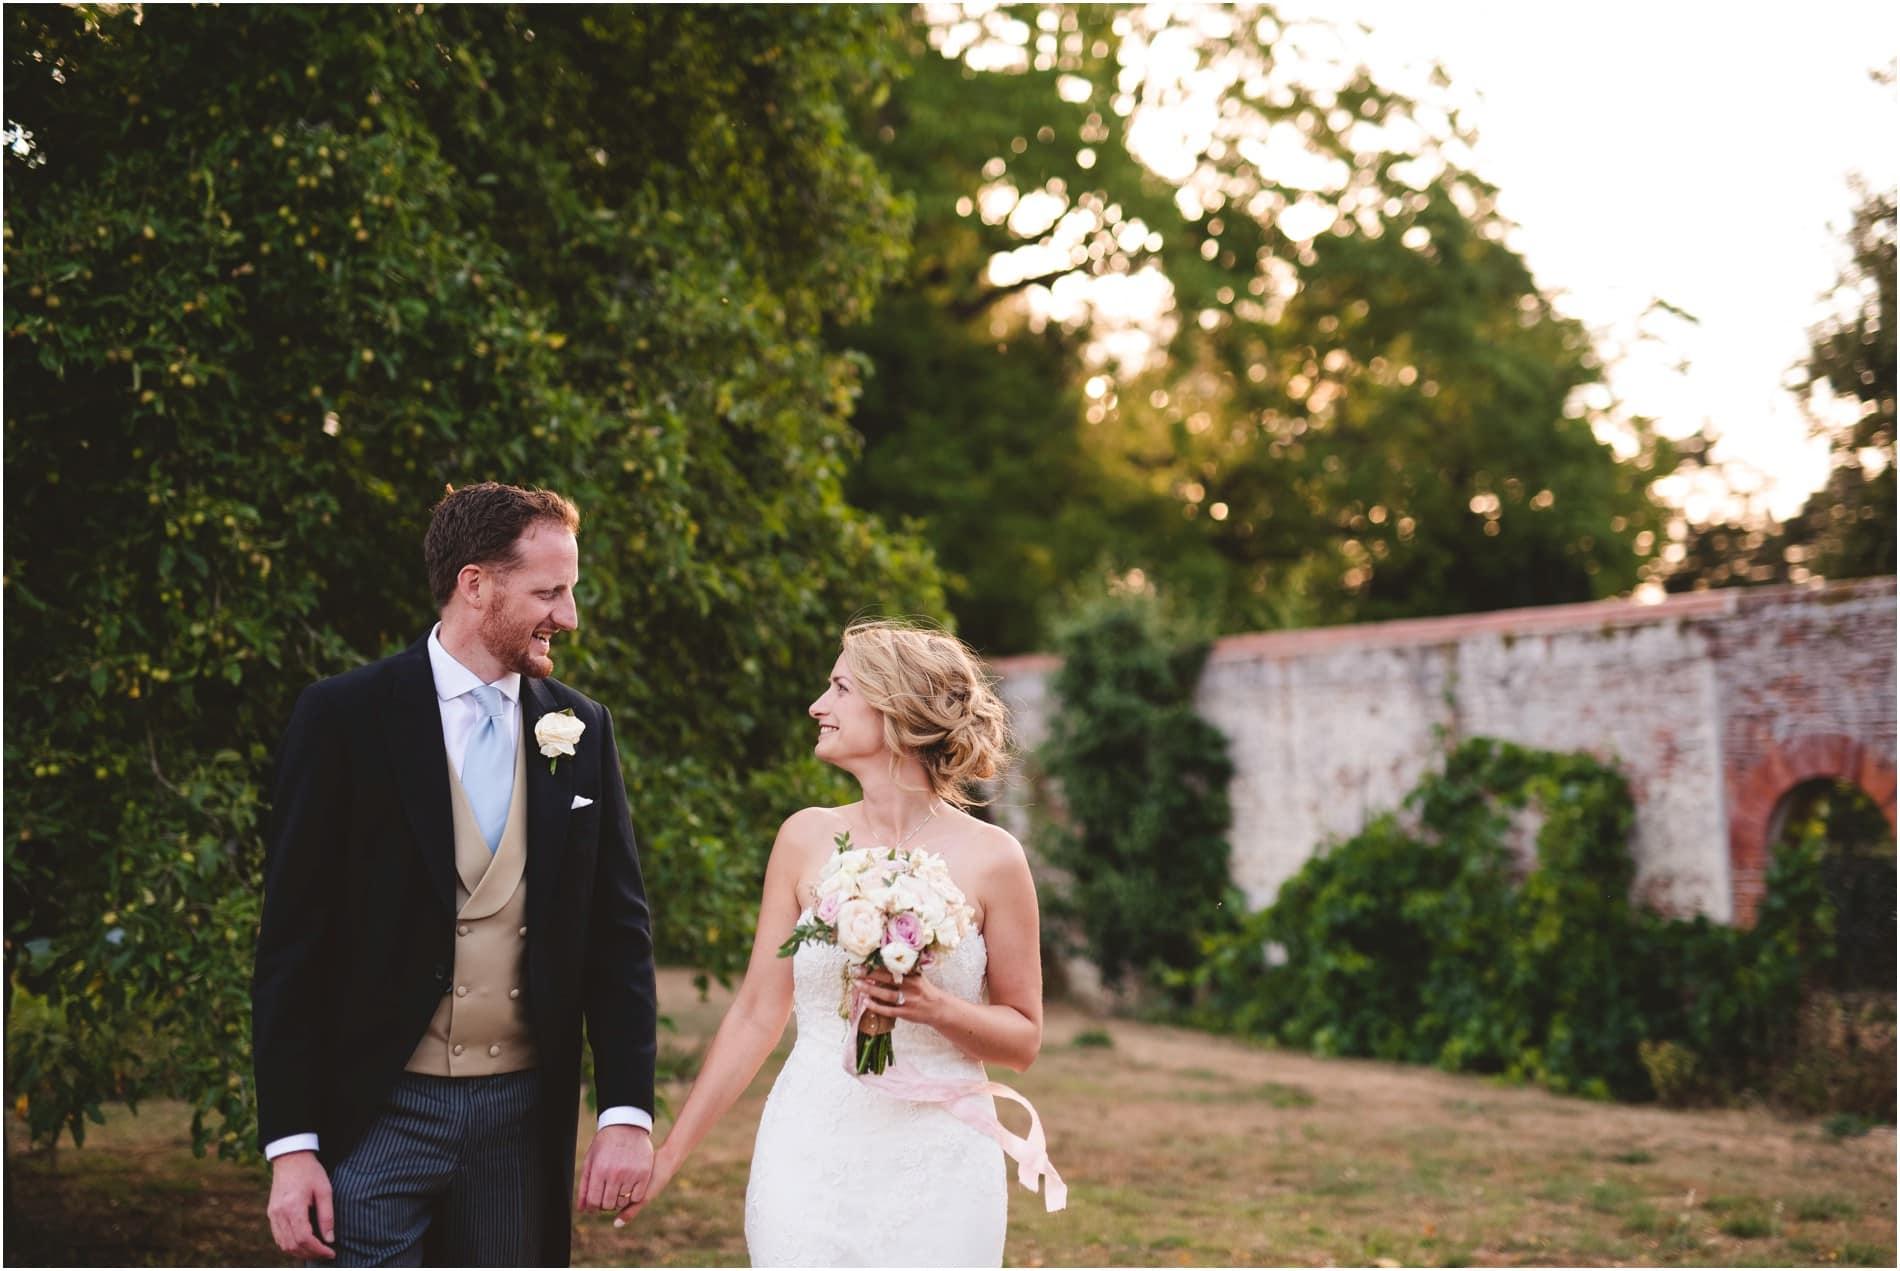 NORWICH WEDDING